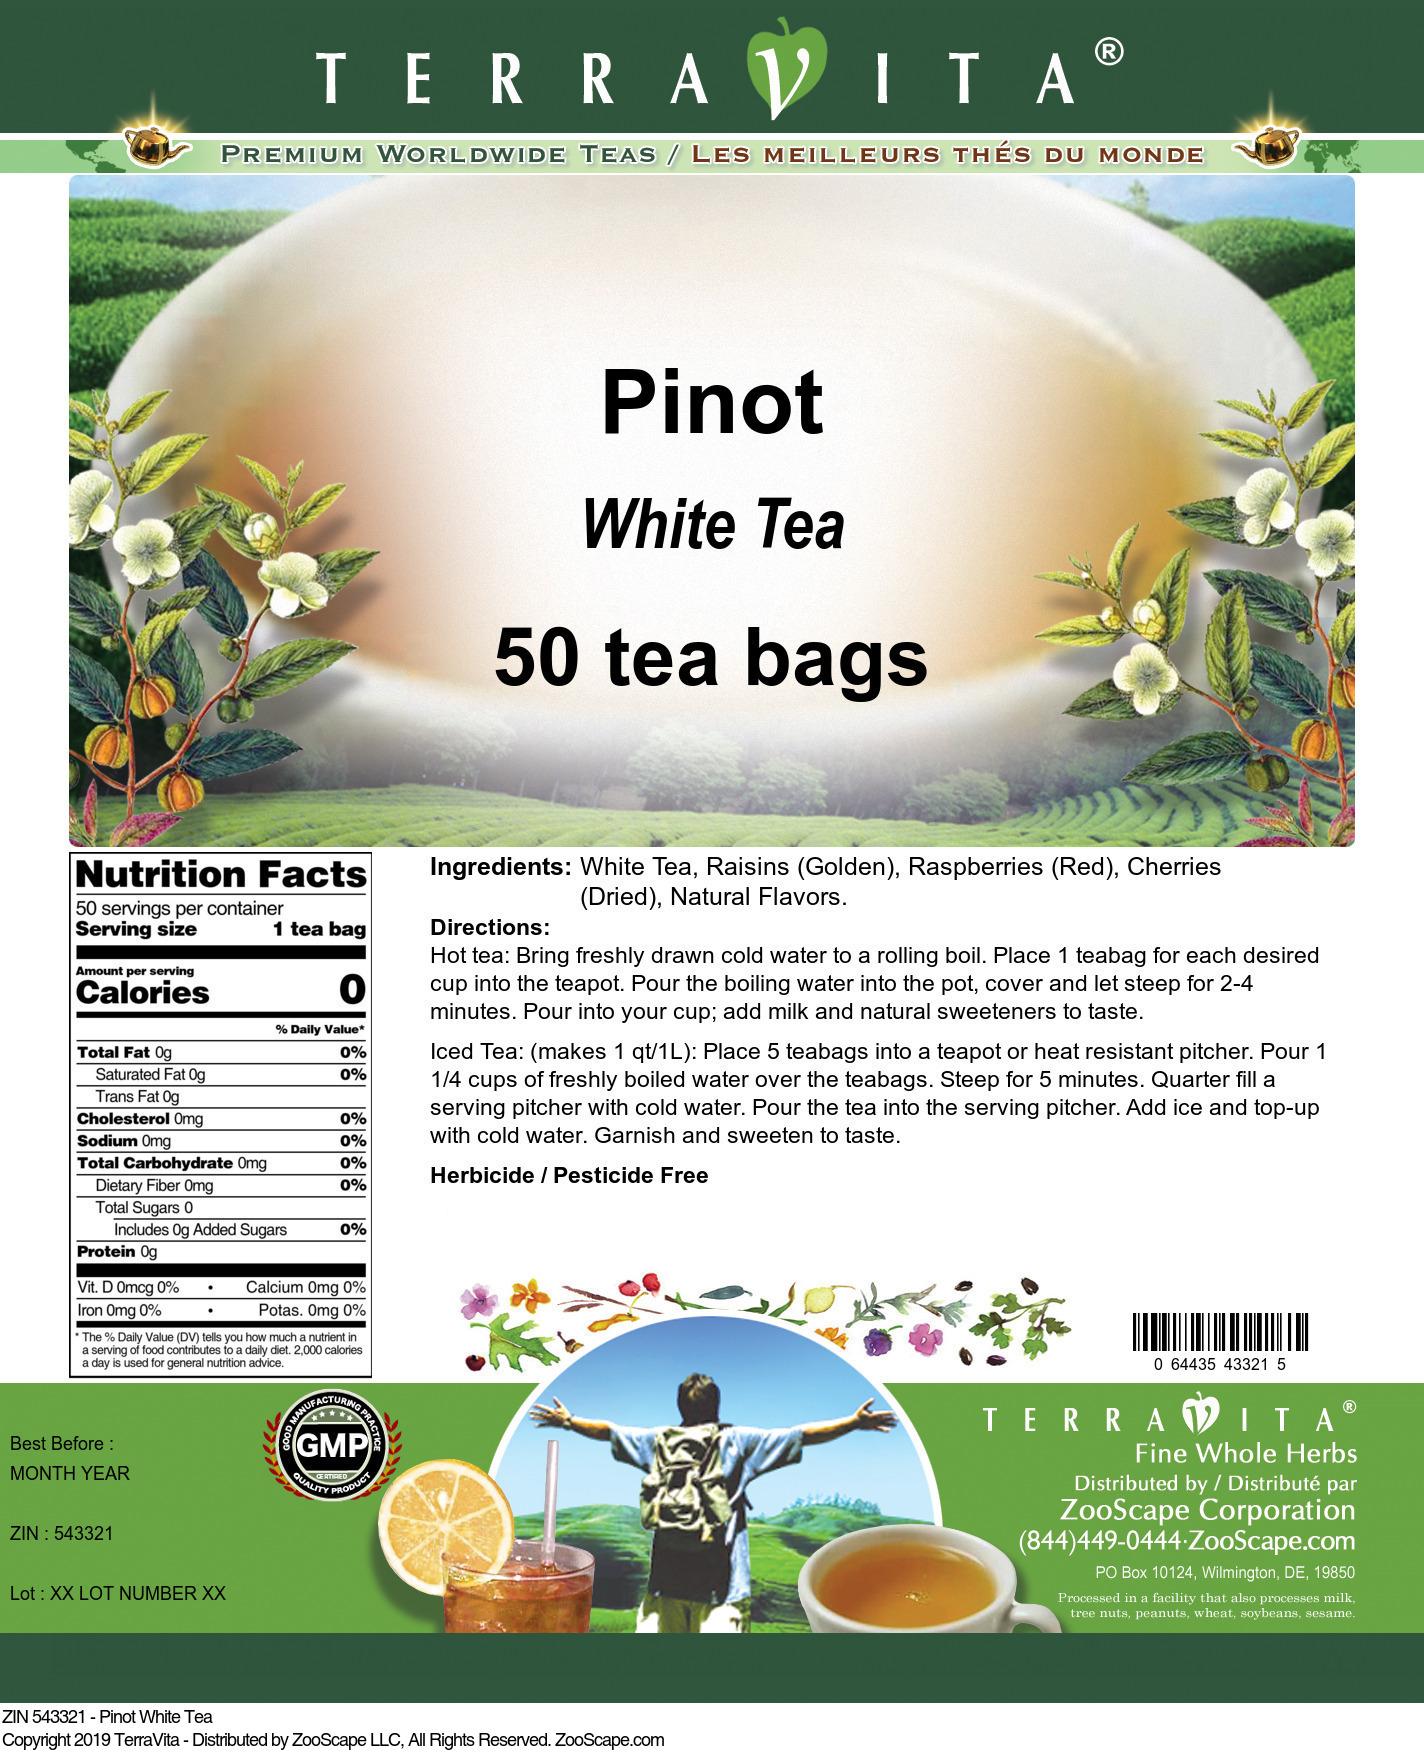 Pinot White Tea